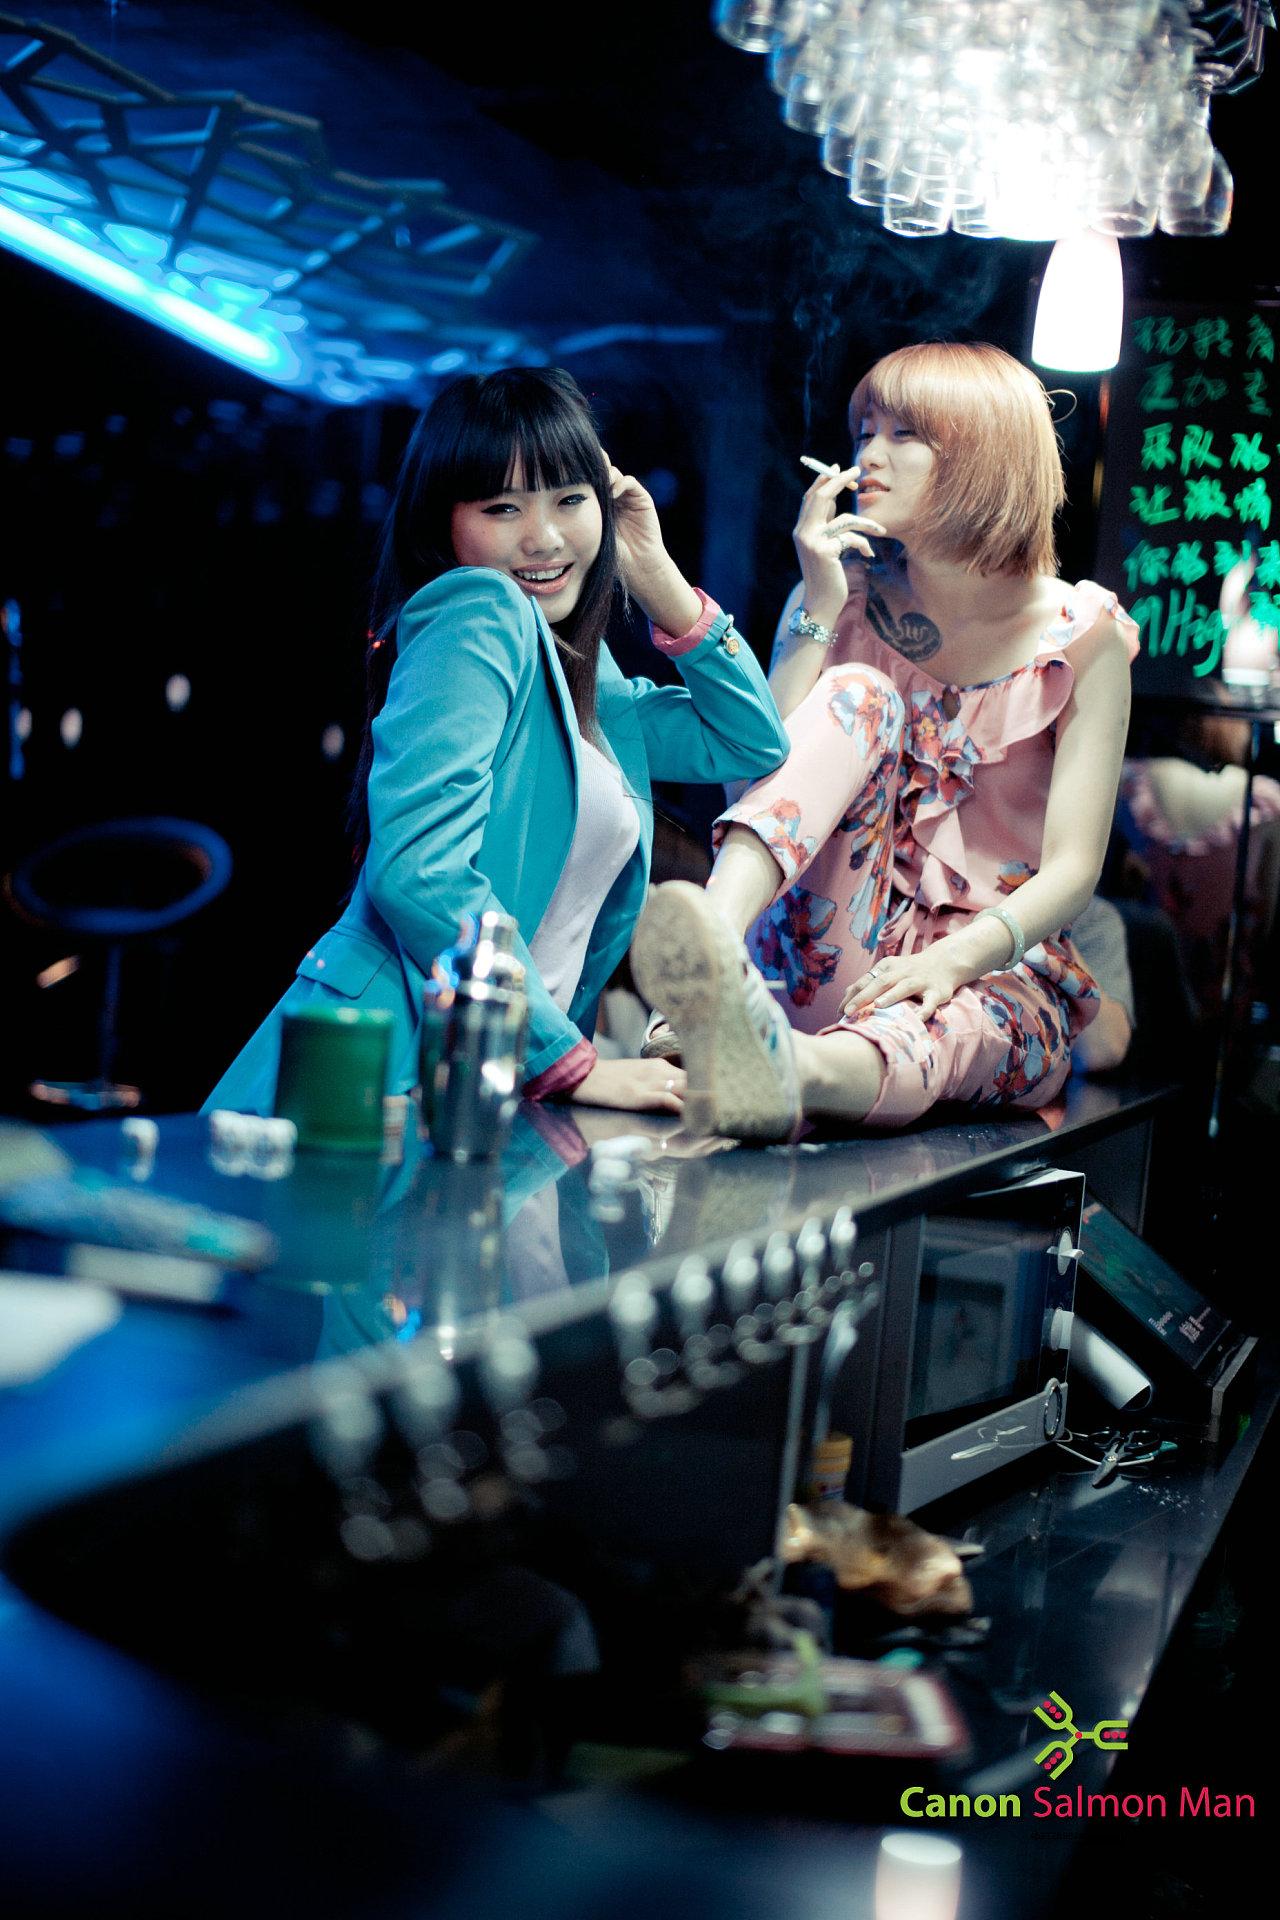 秦皇岛三里屯酒吧人像拍摄